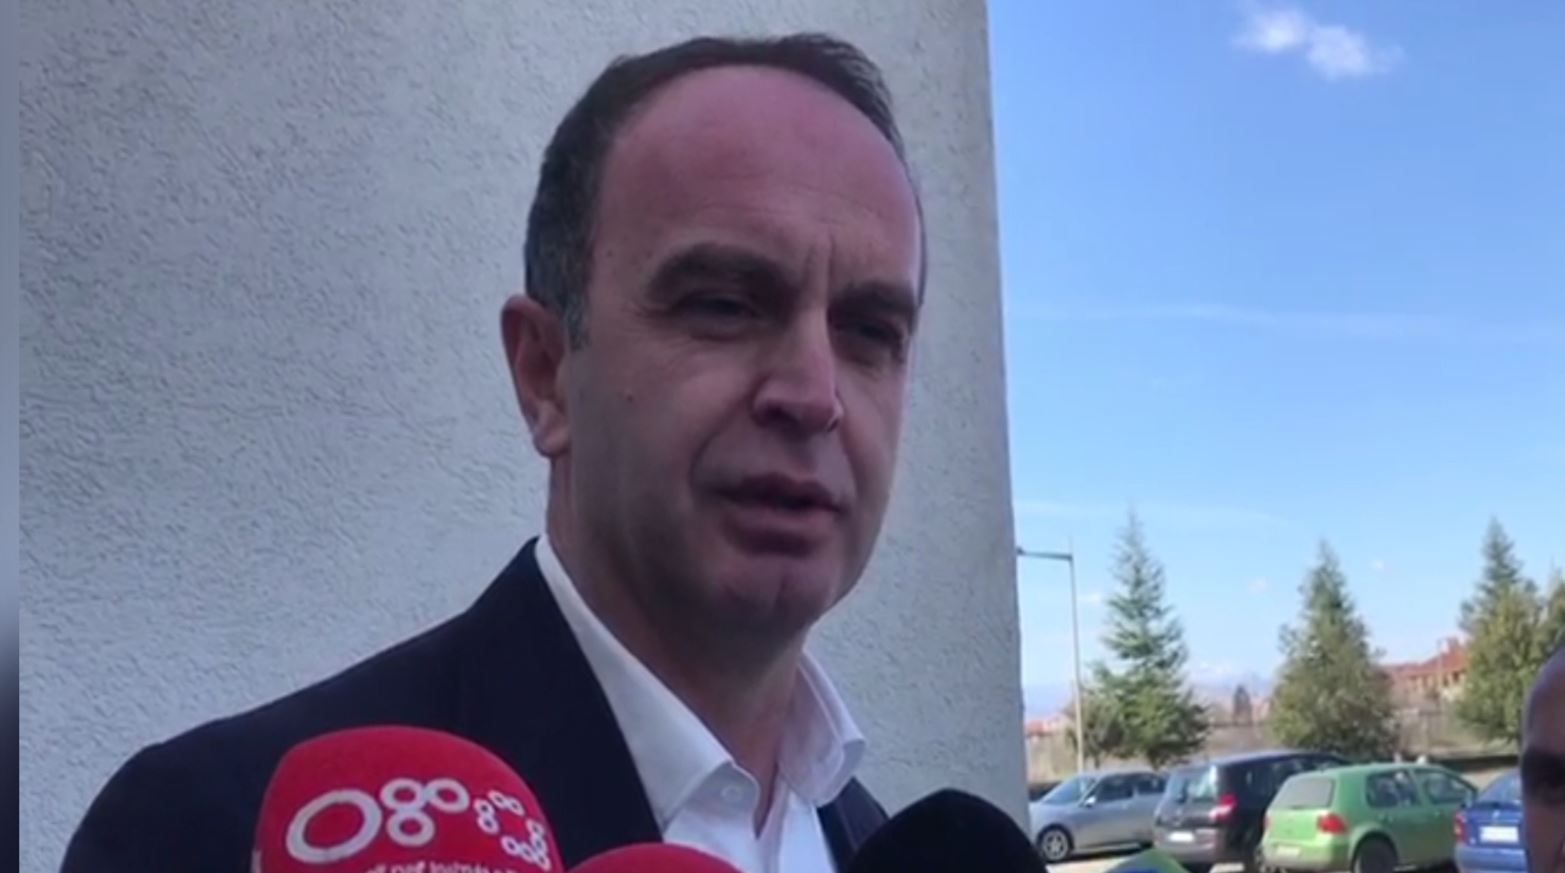 Zgjedhjet në Tuz, Gjeloshaj i bindur për fitoren